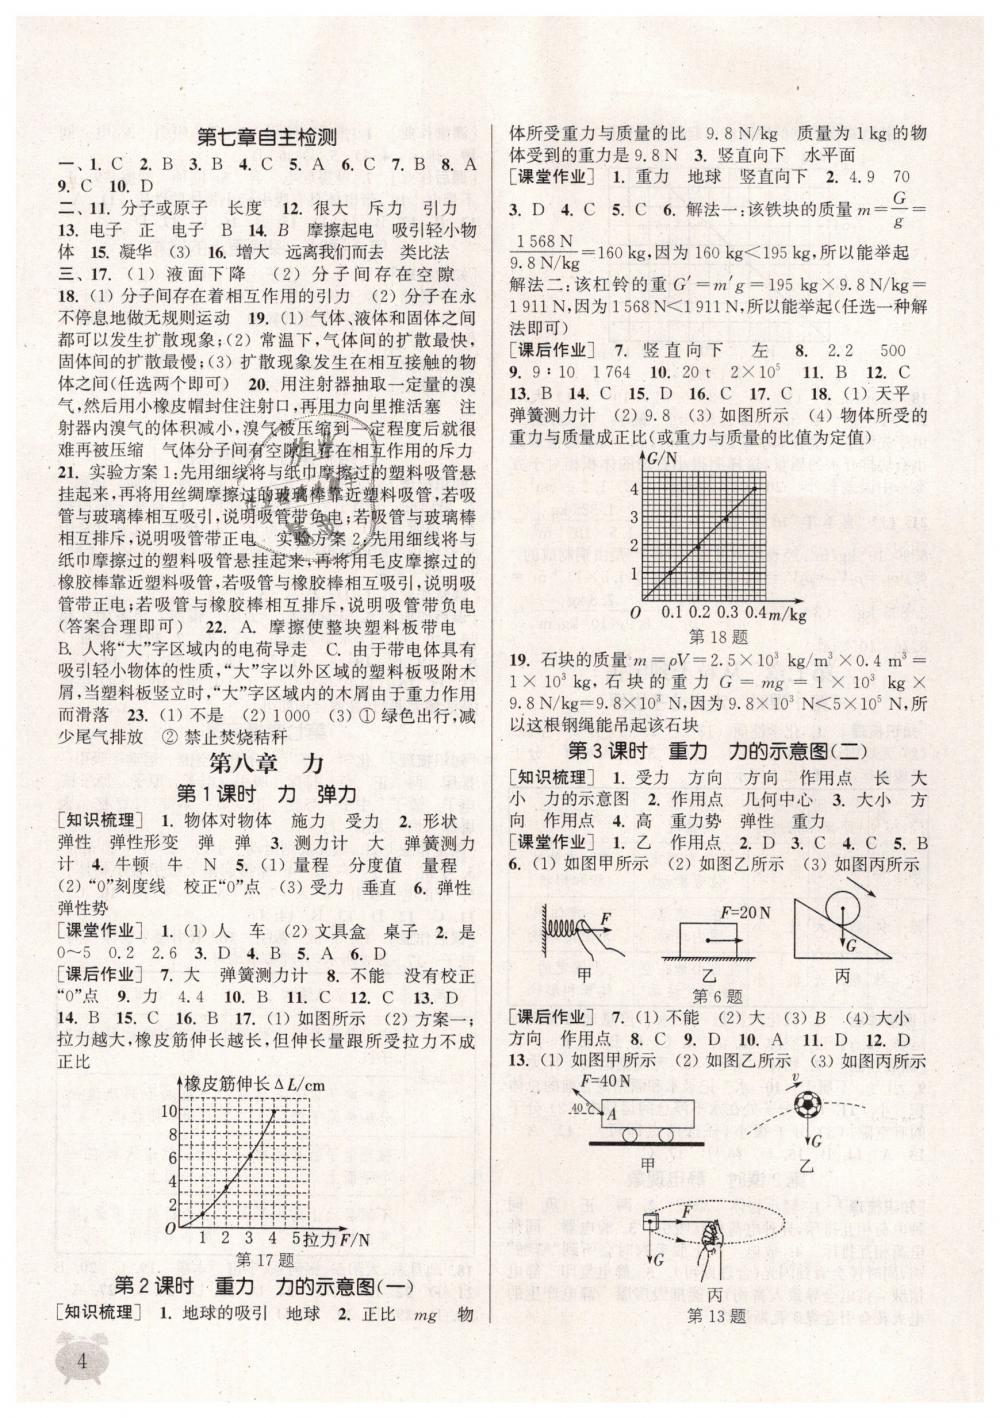 2019年通城学典课时作业本八年级物理下册苏科版江苏专用第4页